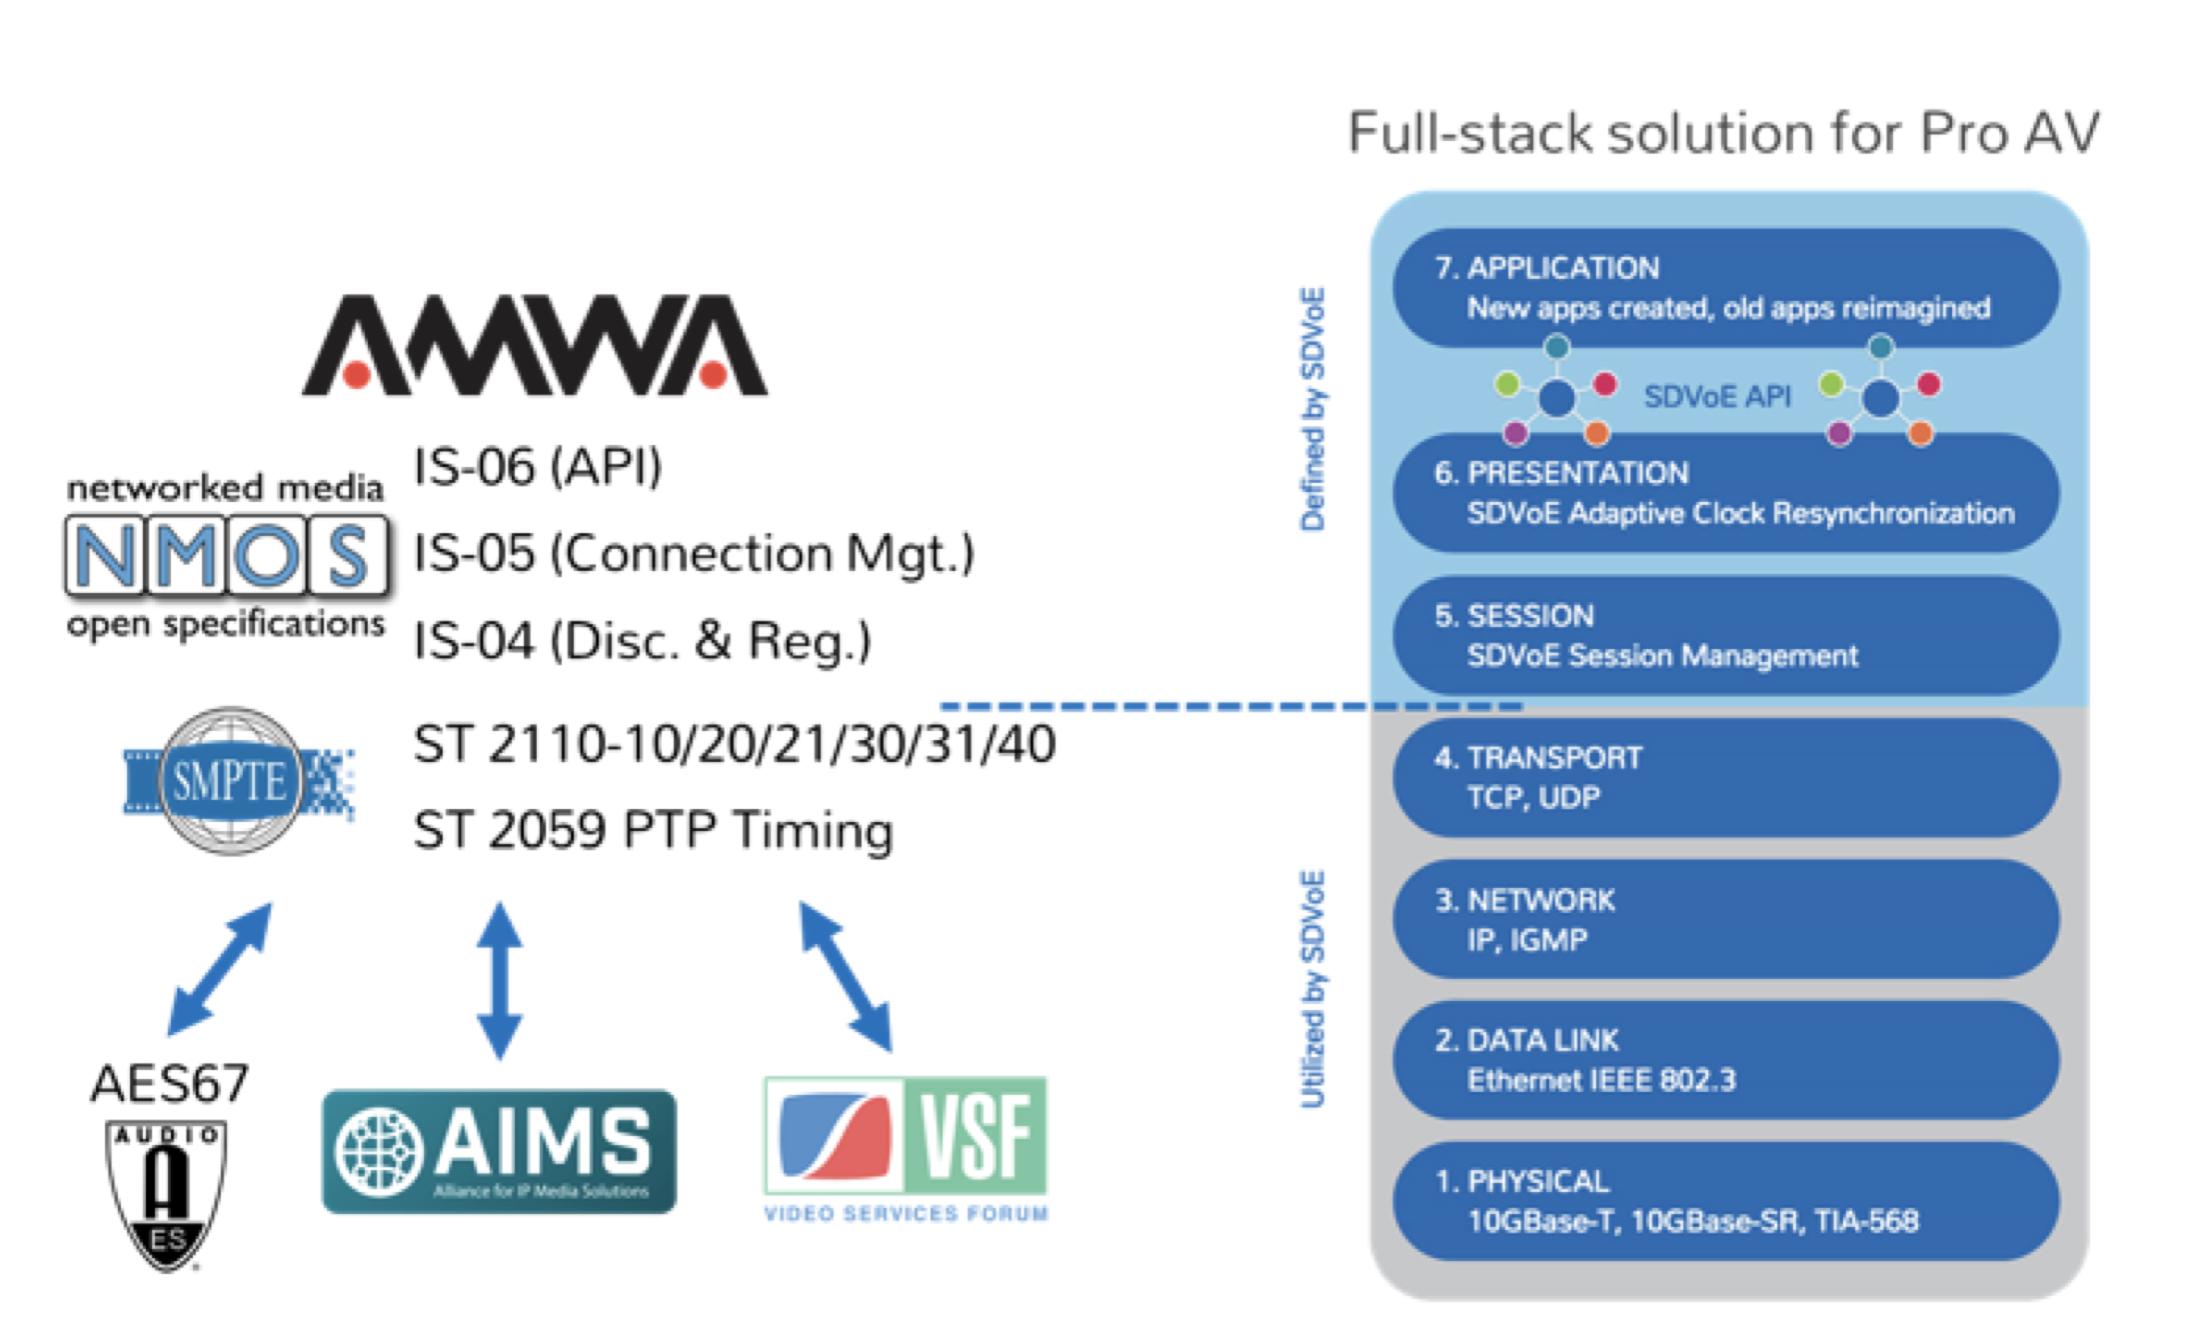 Broadcast Standards Update: AV over IP